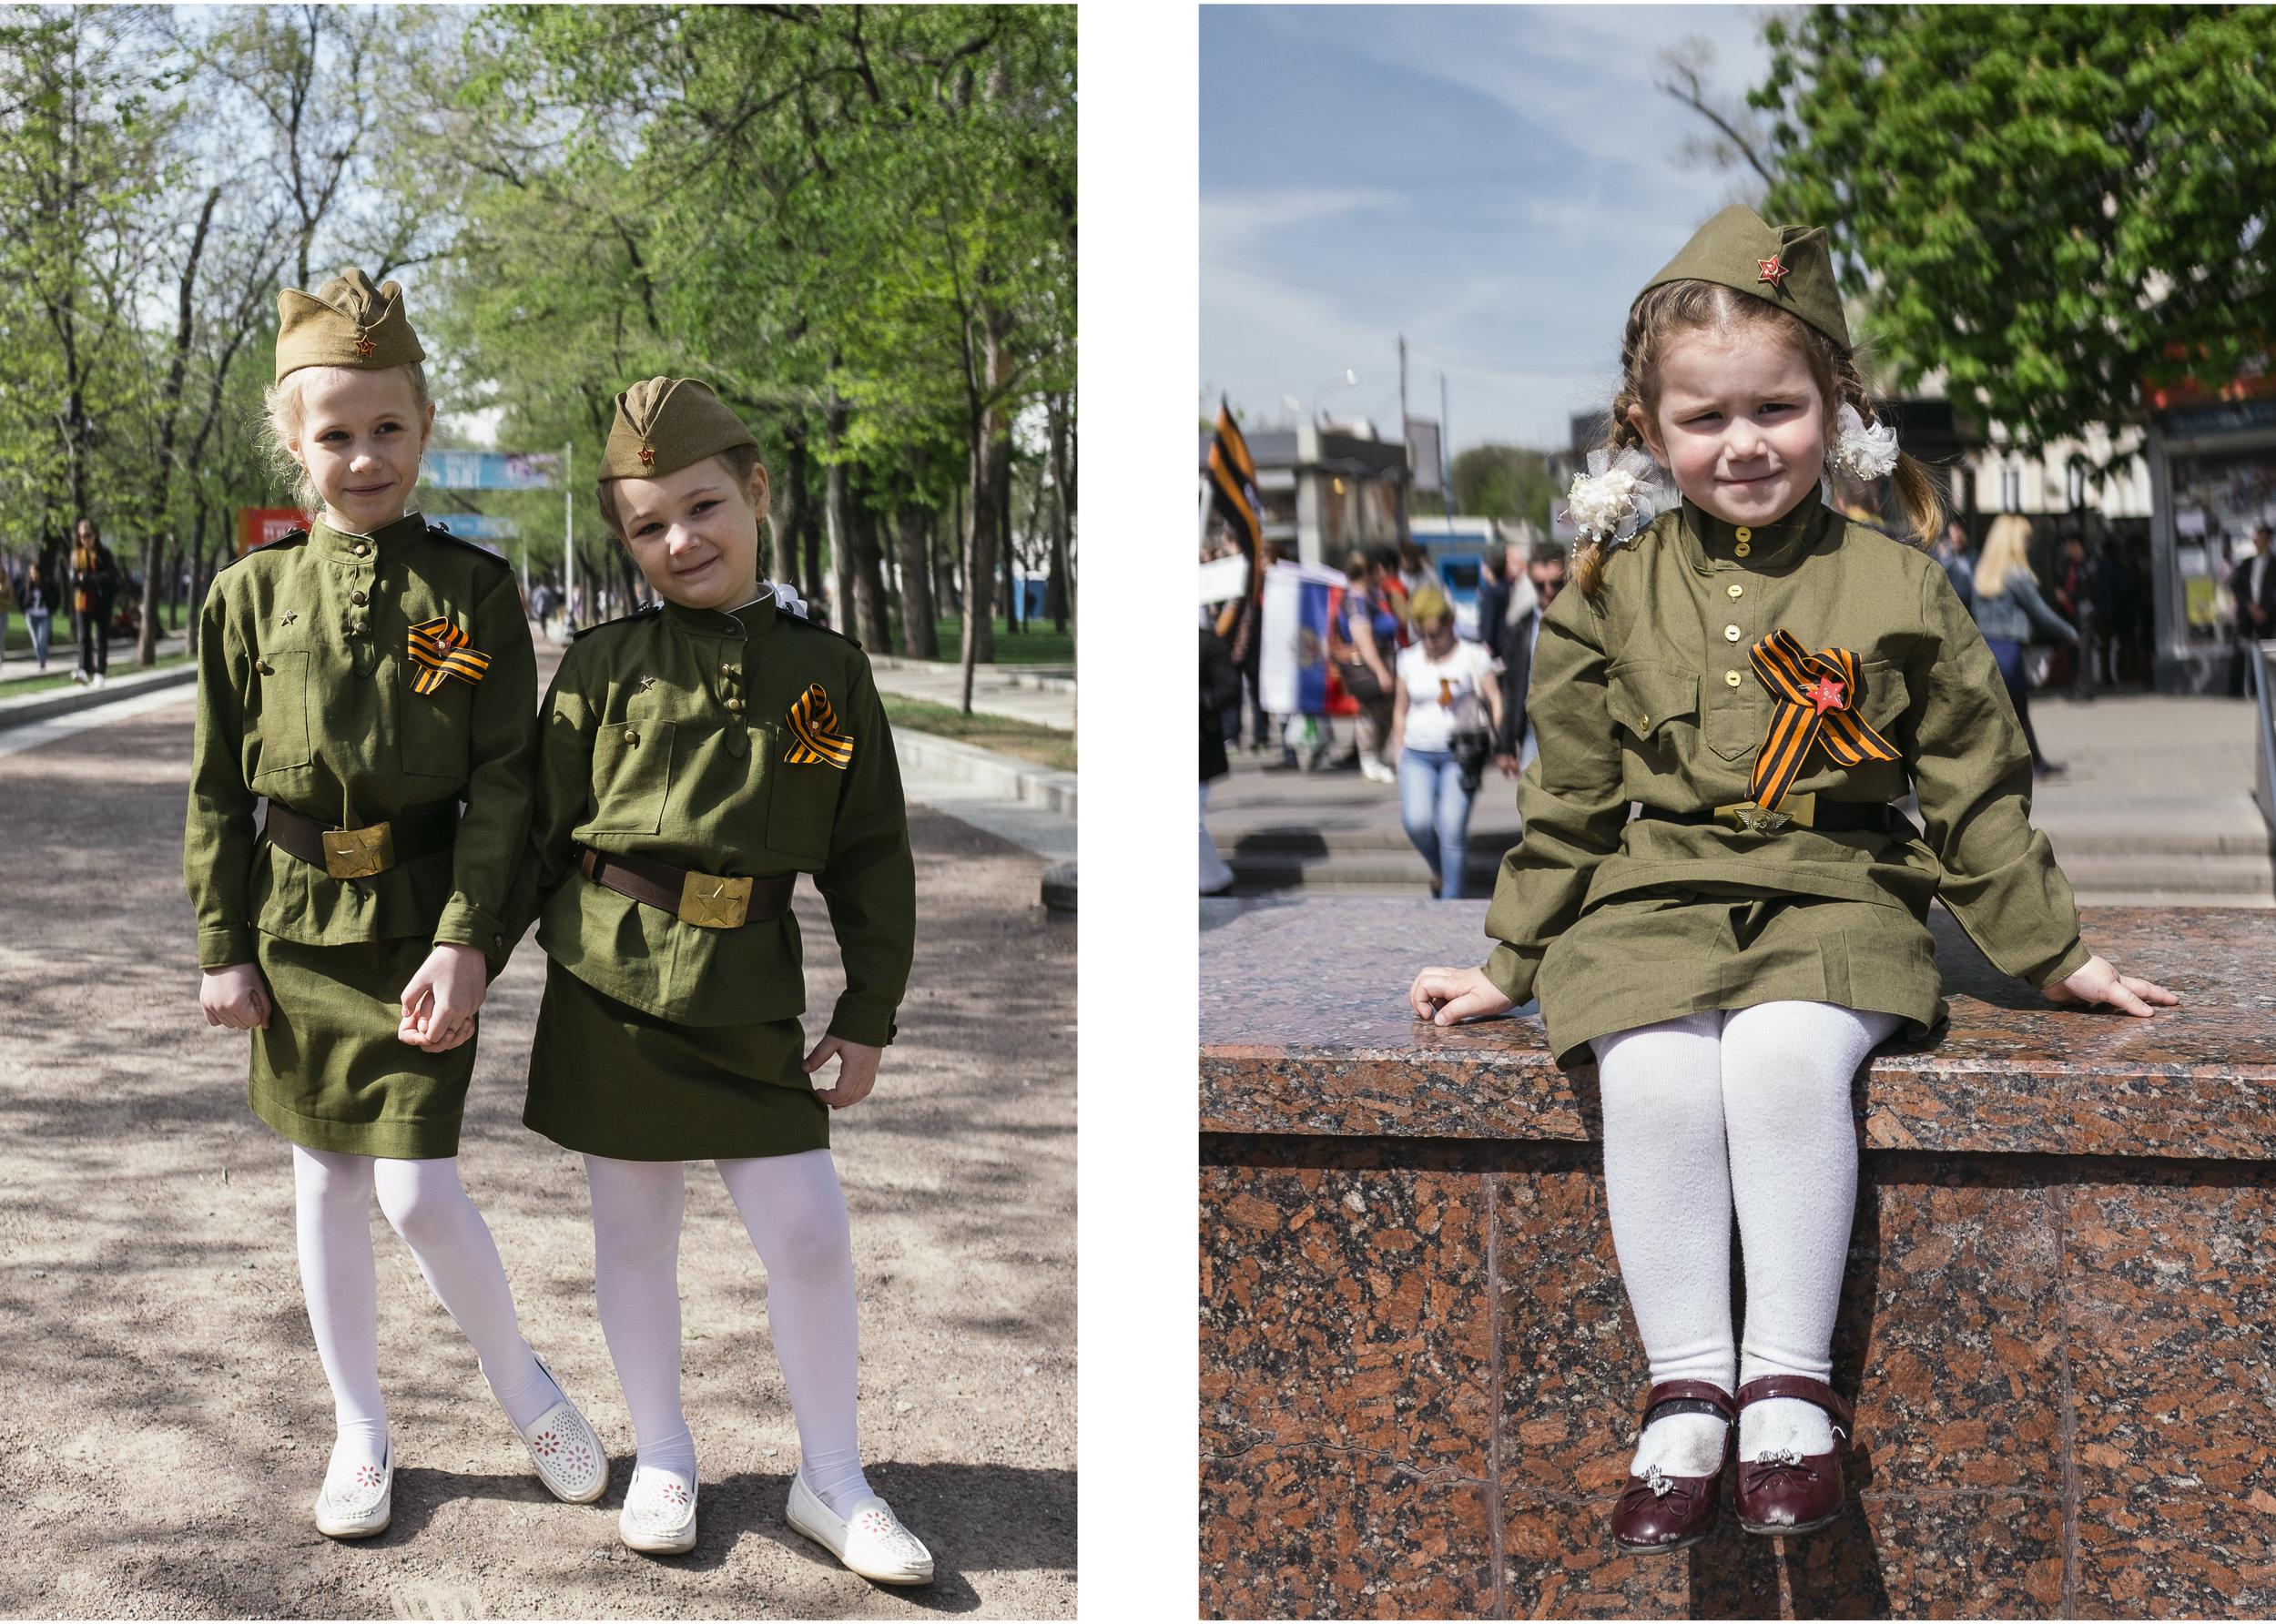 Jeunes filles arborants des reproductions d'uniformes soviétiques avec notamment le ruban de St Georges, symbole de la victoire sur l'Allemagne nazie et devenu symbole du patriotisme russe.